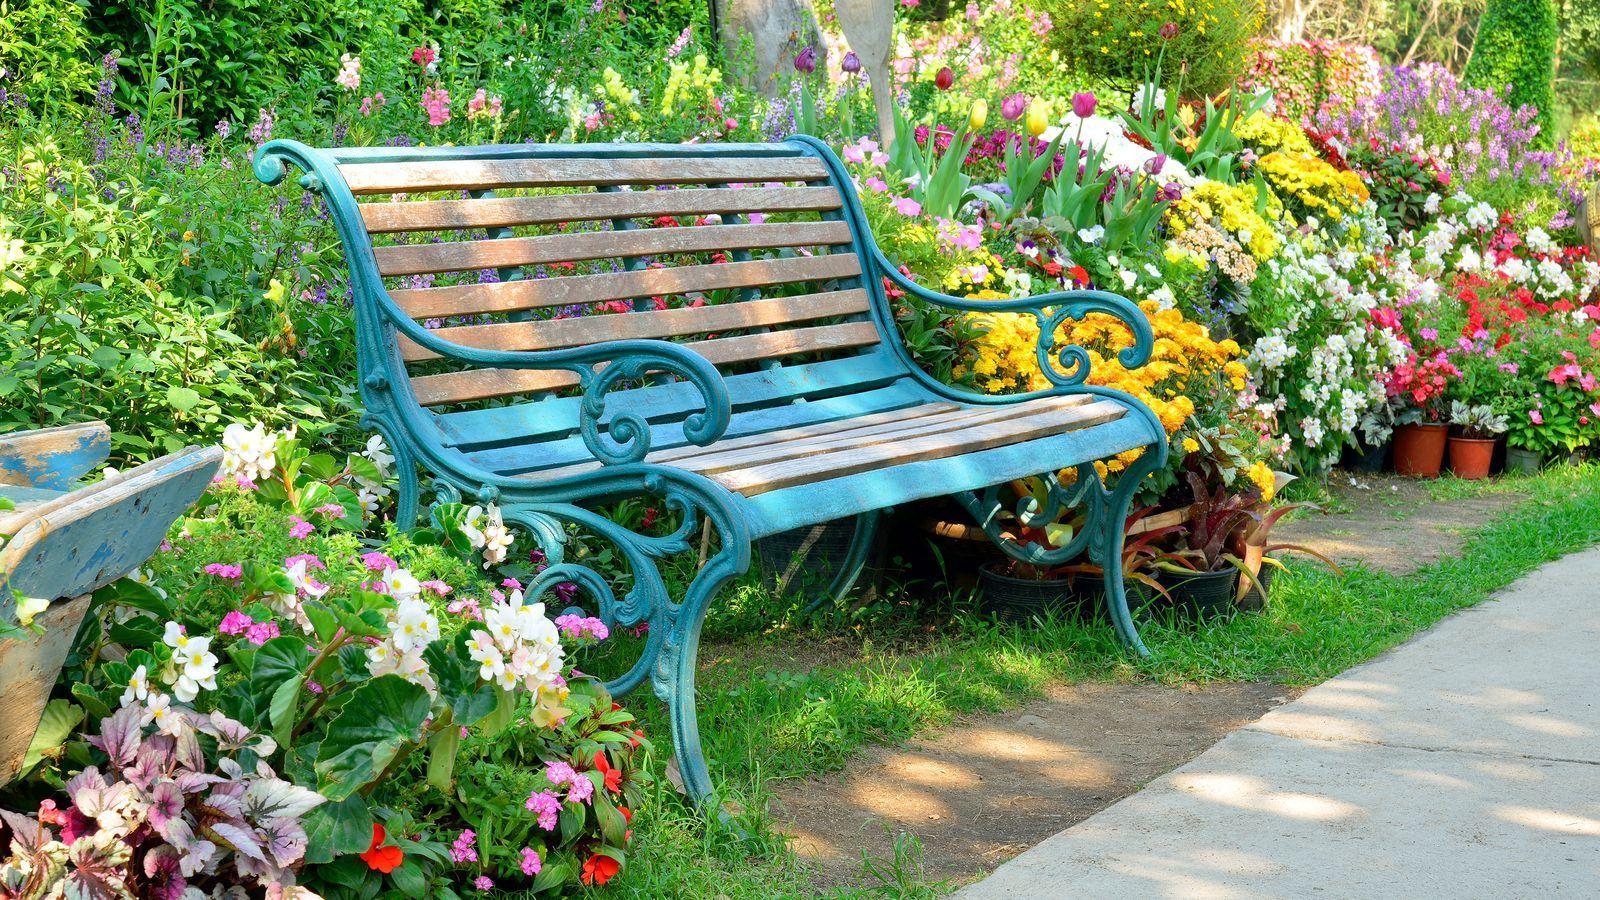 Banc de jardin :  comment choisir